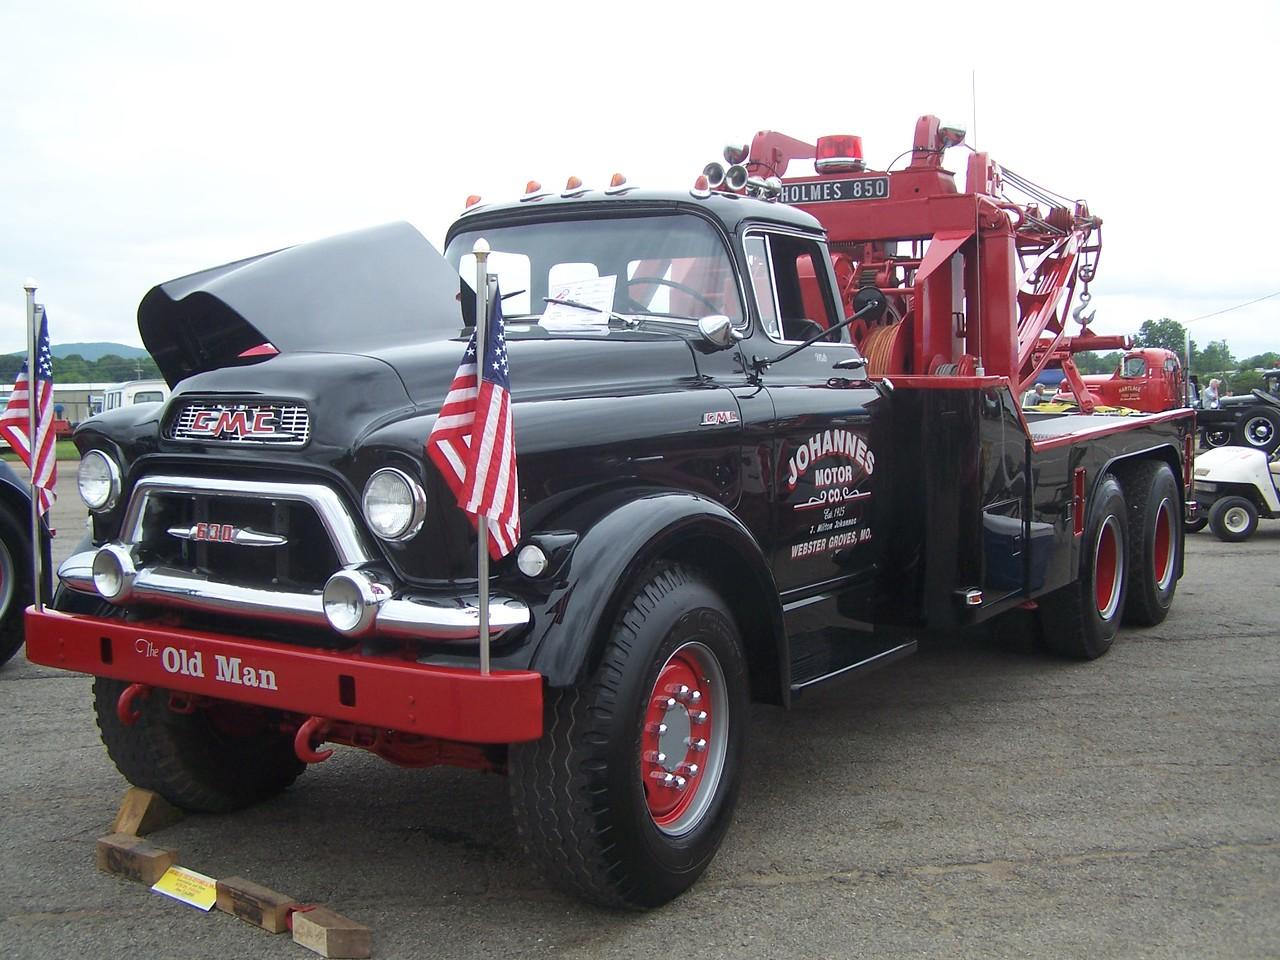 GMC with Holmes 850 powered by a Pontiac V-8